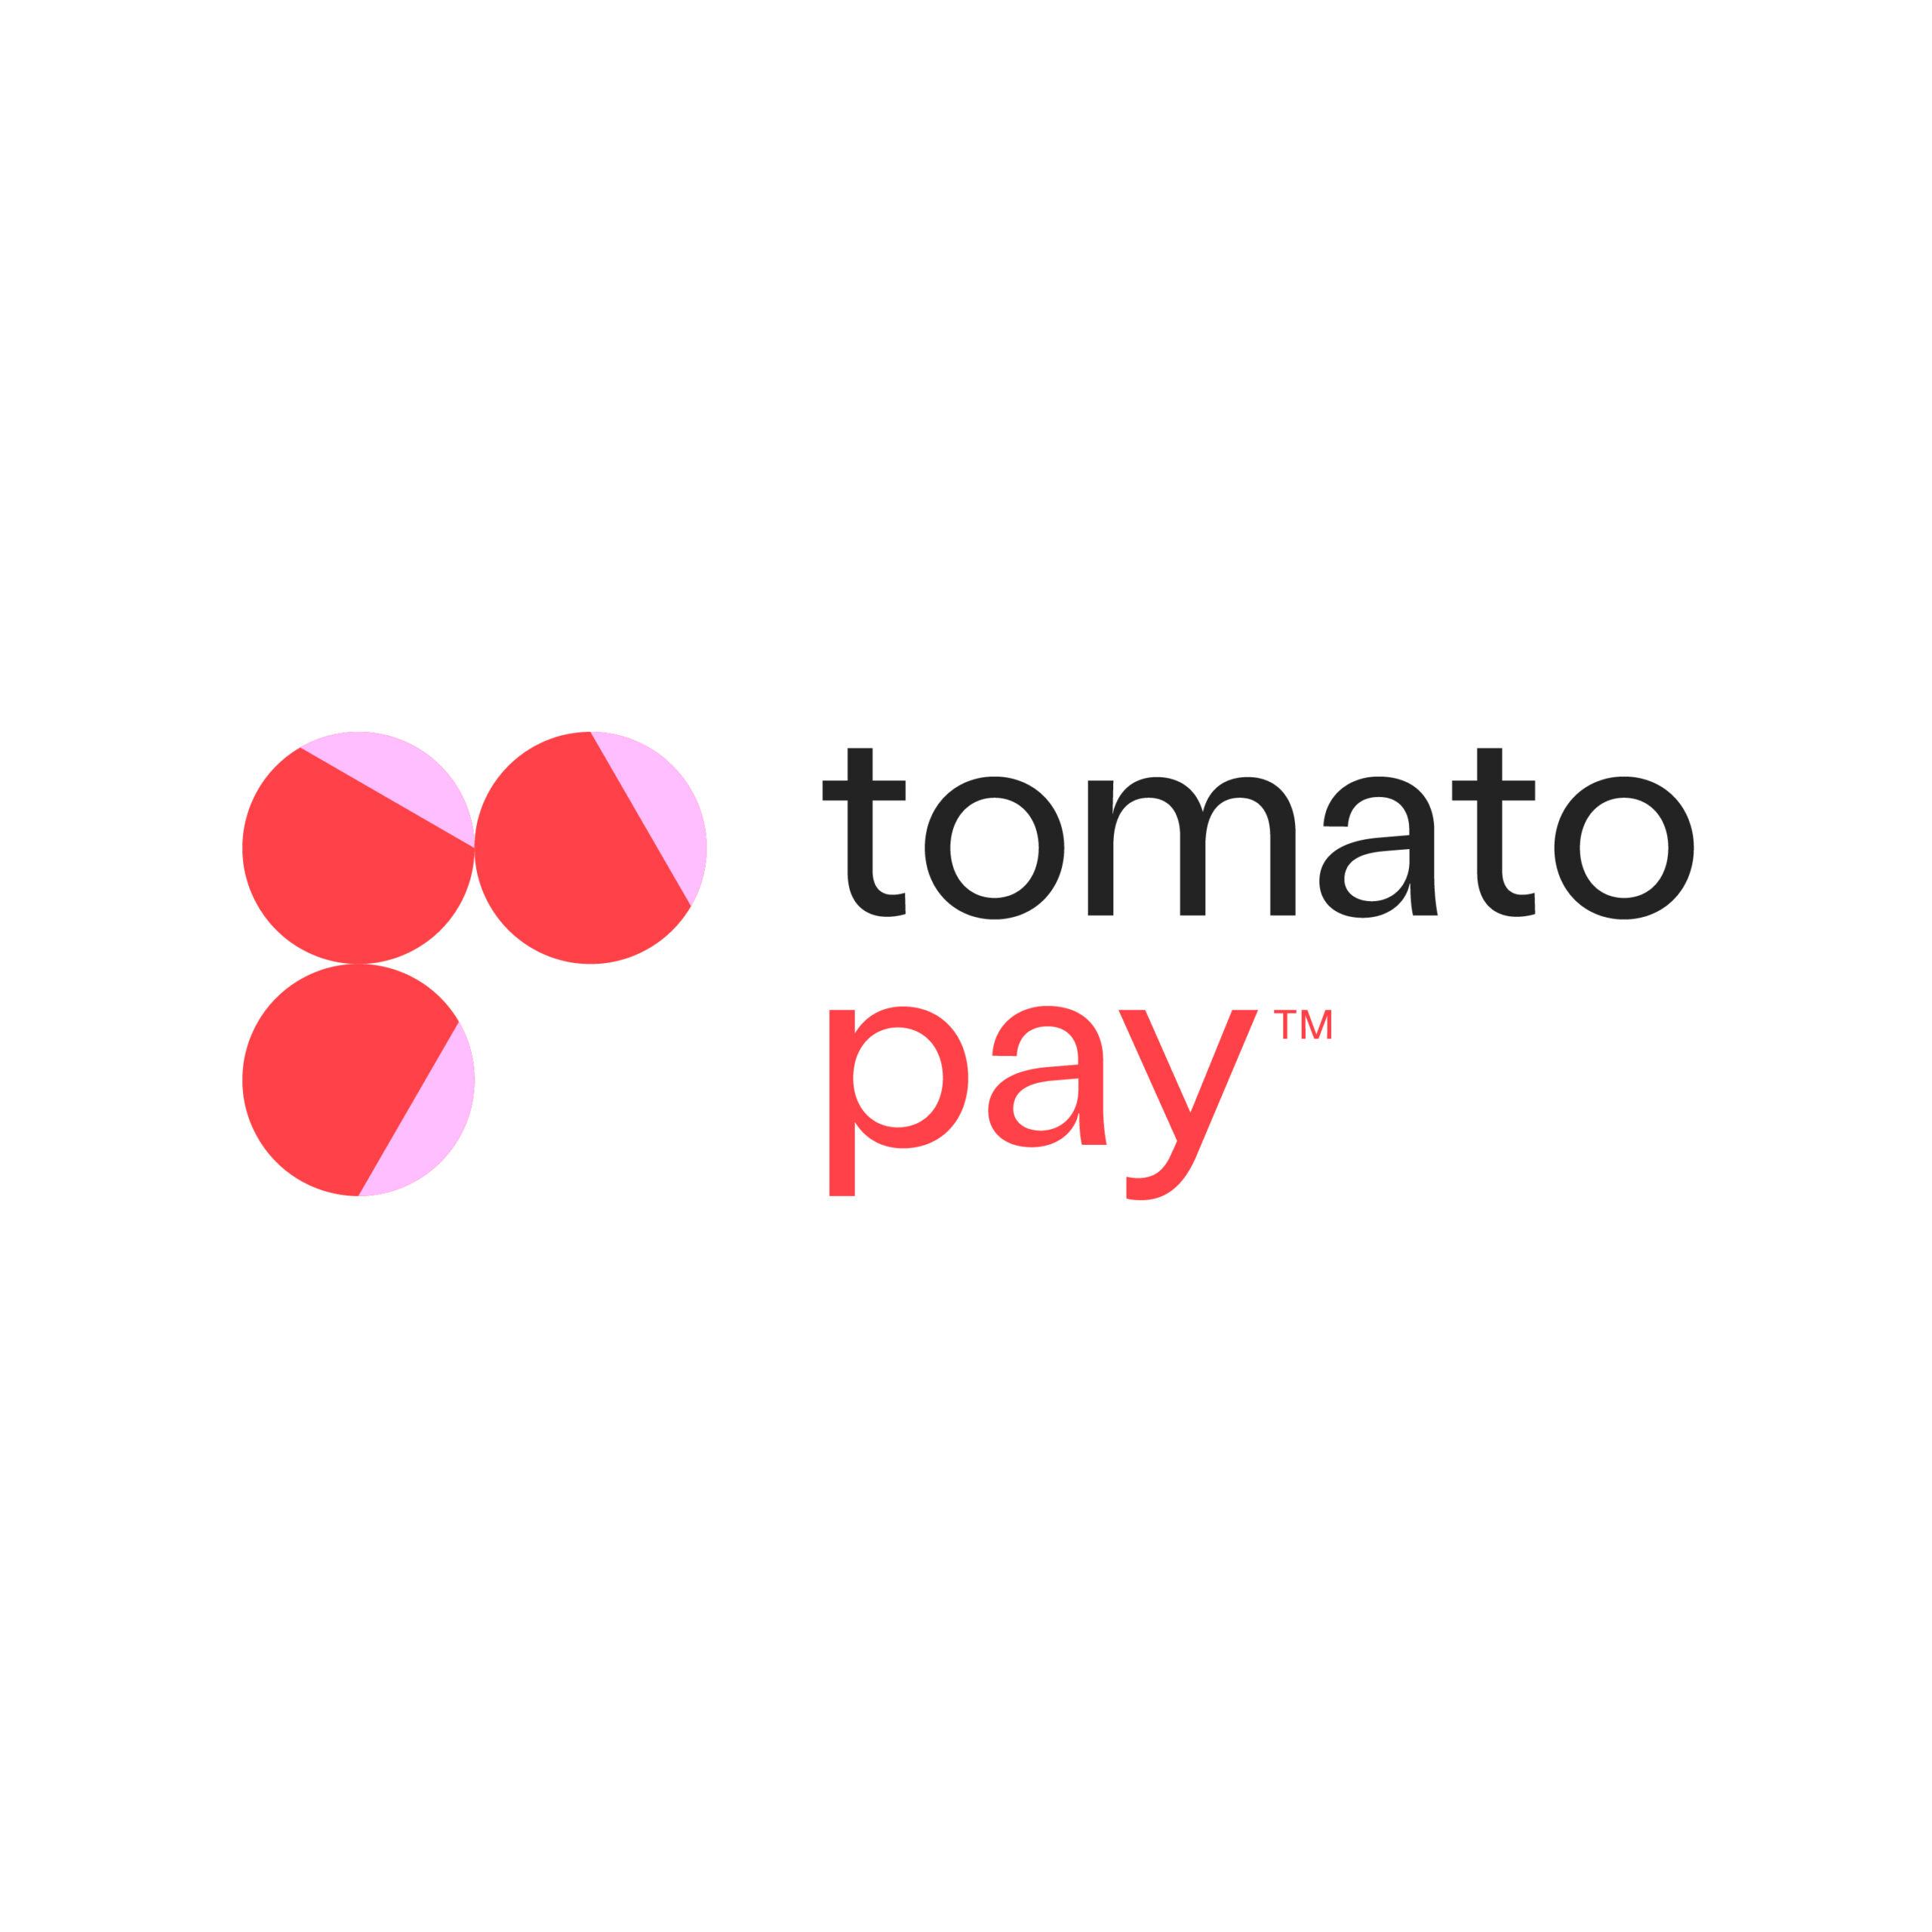 TOMATO_Case Study_Assets